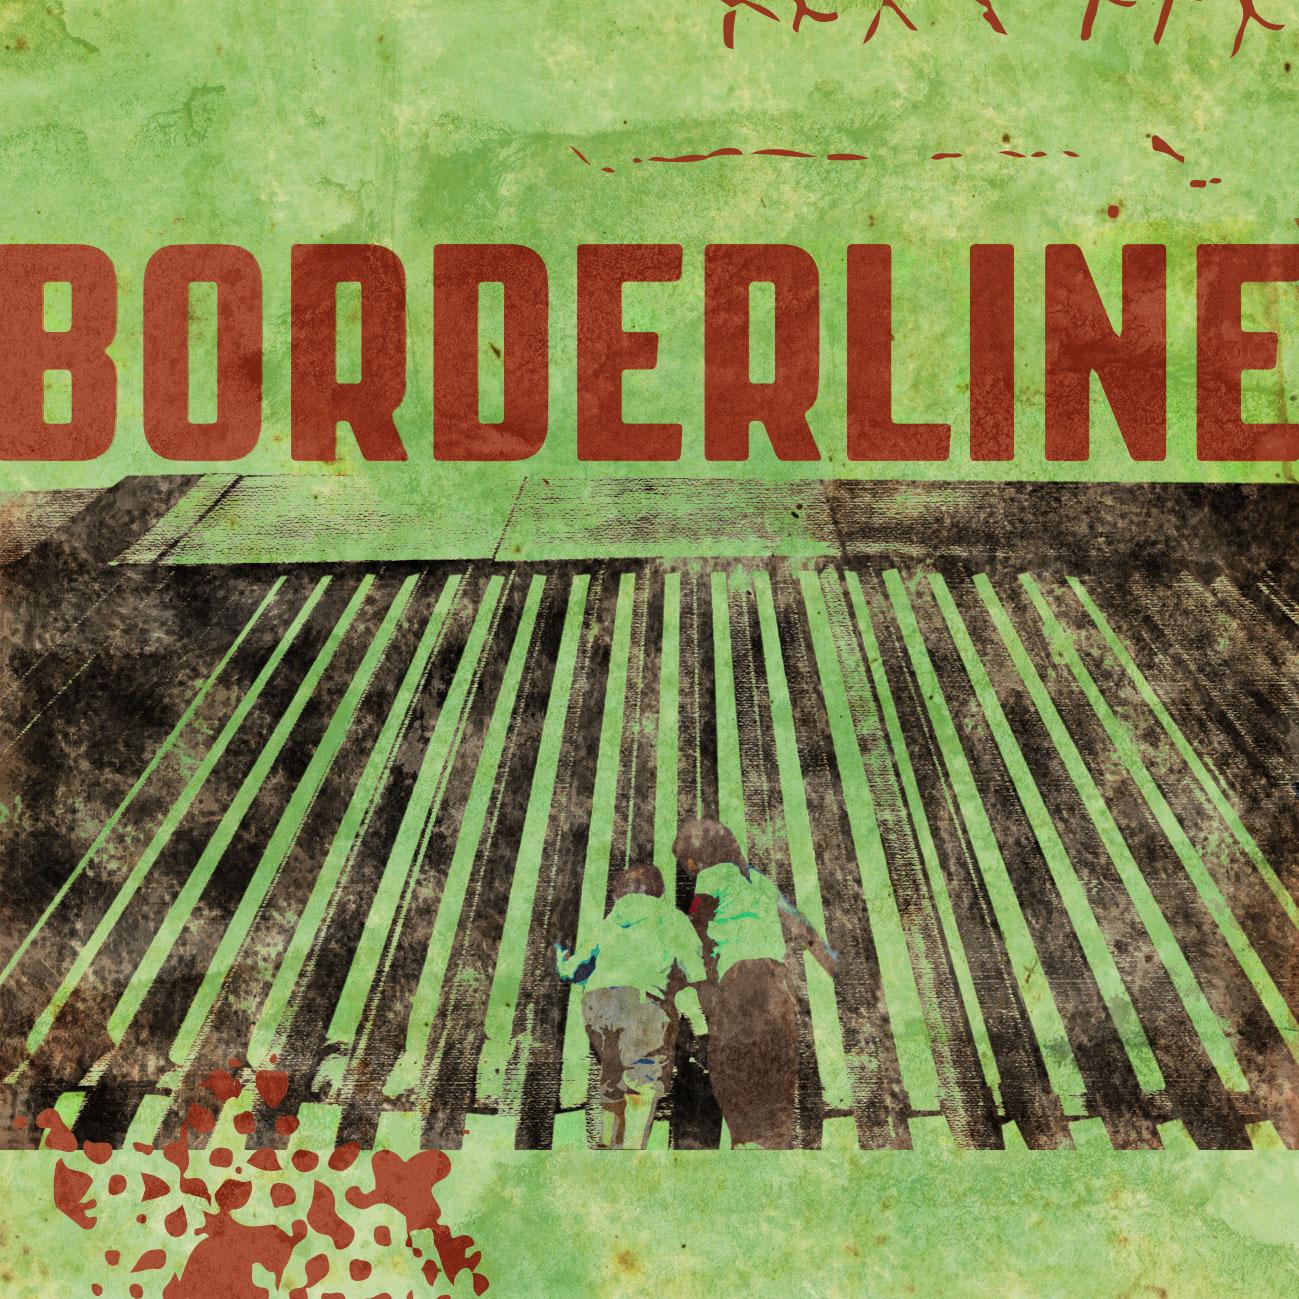 Borderline_sq_logo_insta (1).jpg